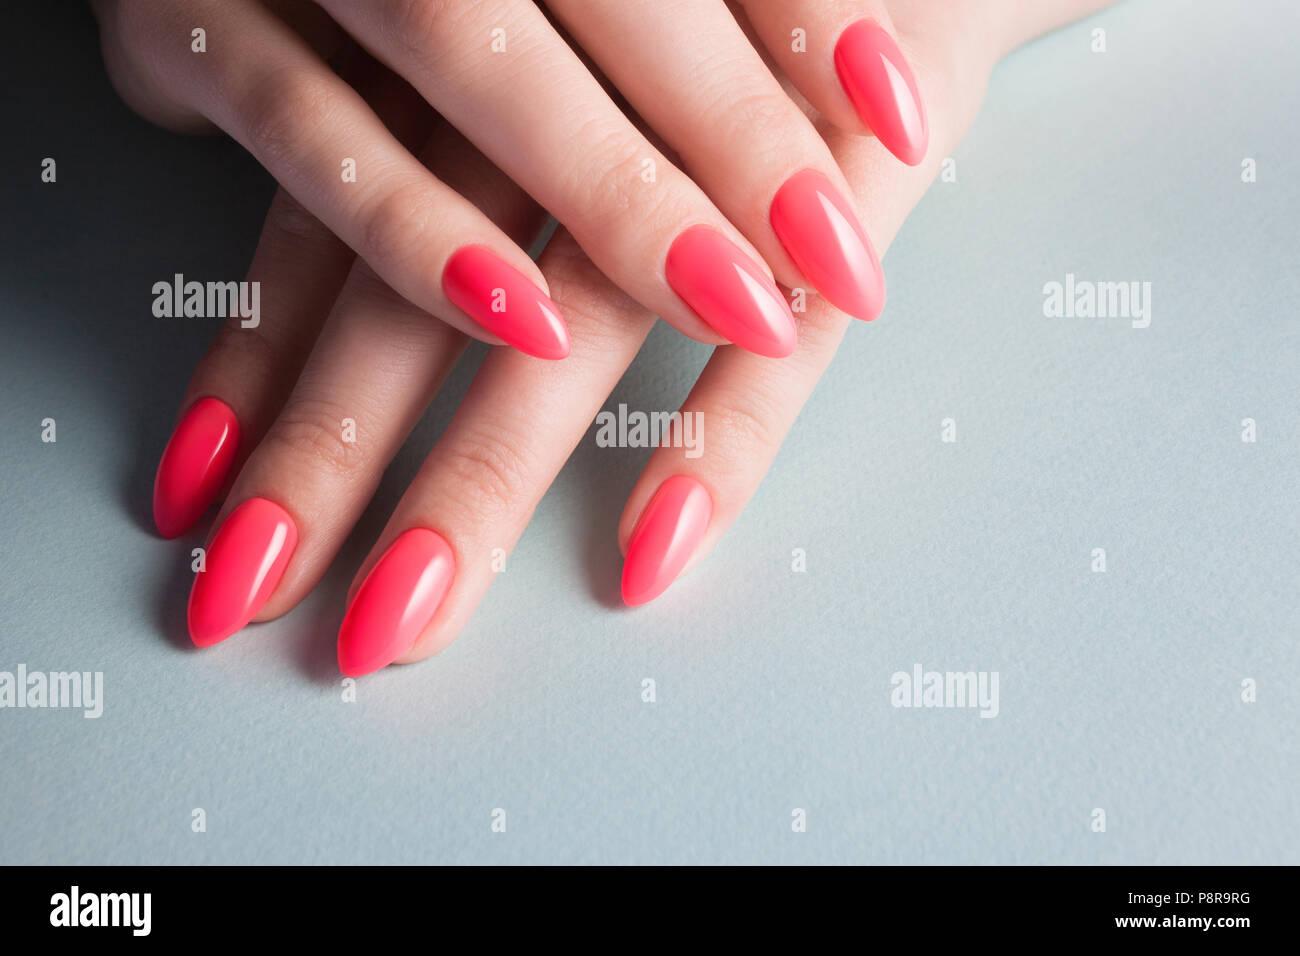 Manos De Mujer Con Una Perfecta Manicura Roja Esmalte De